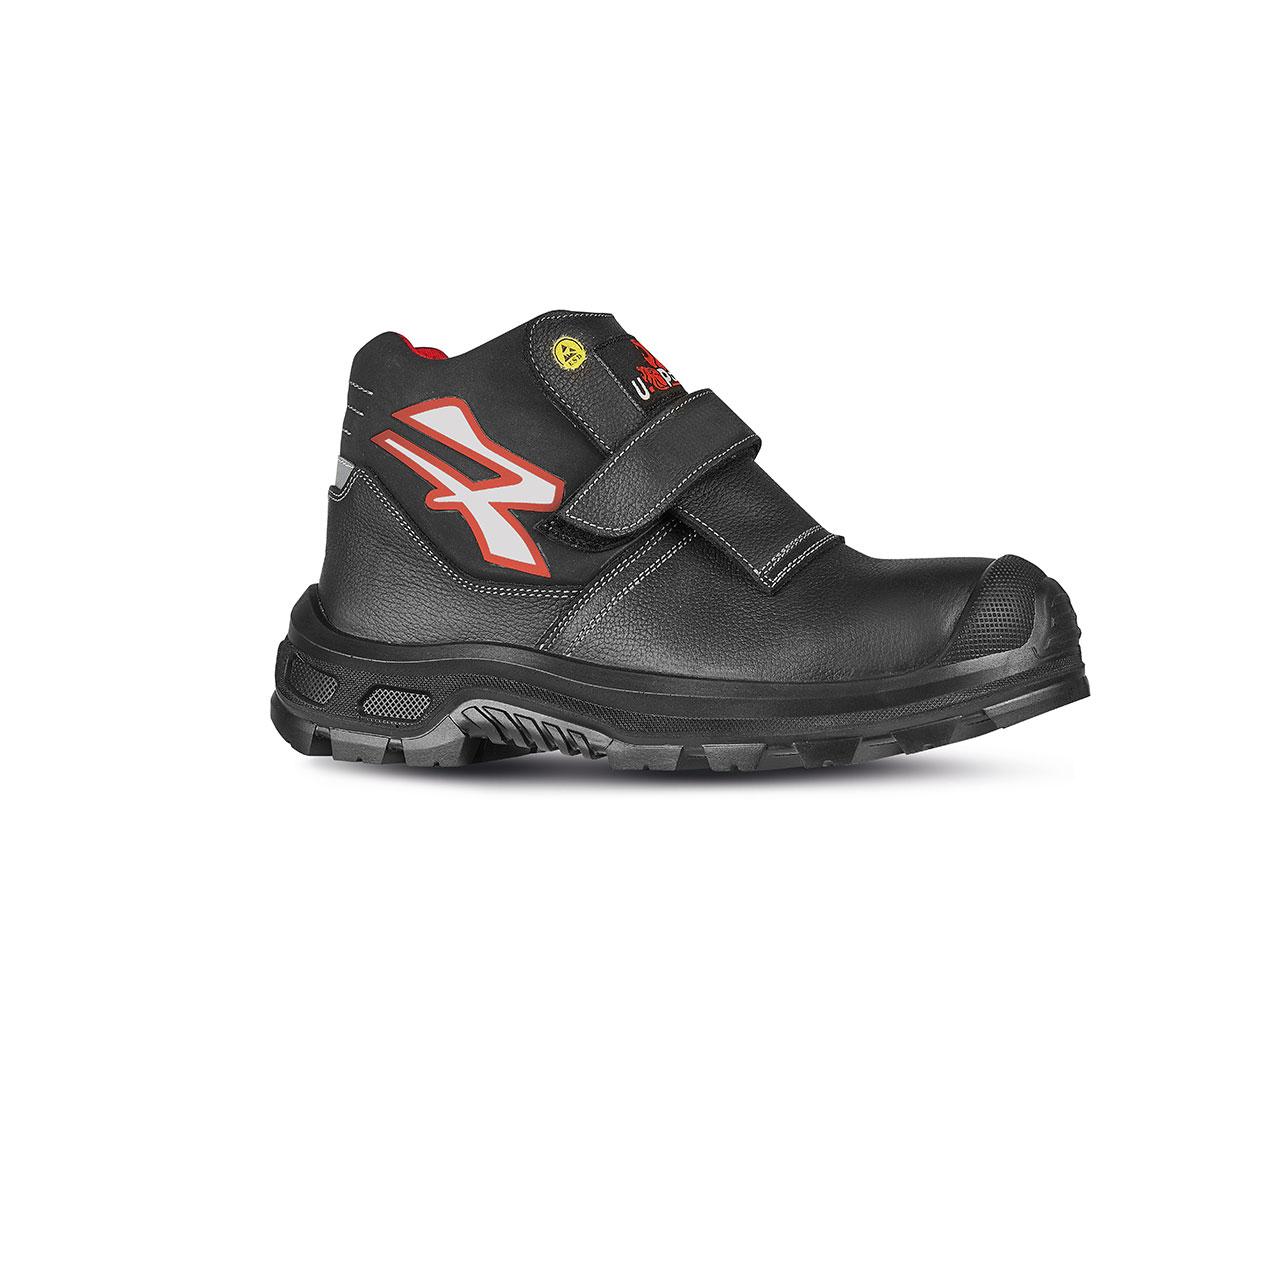 scarpa antinfortunistica upower modello dubai linea redindustry vista laterale